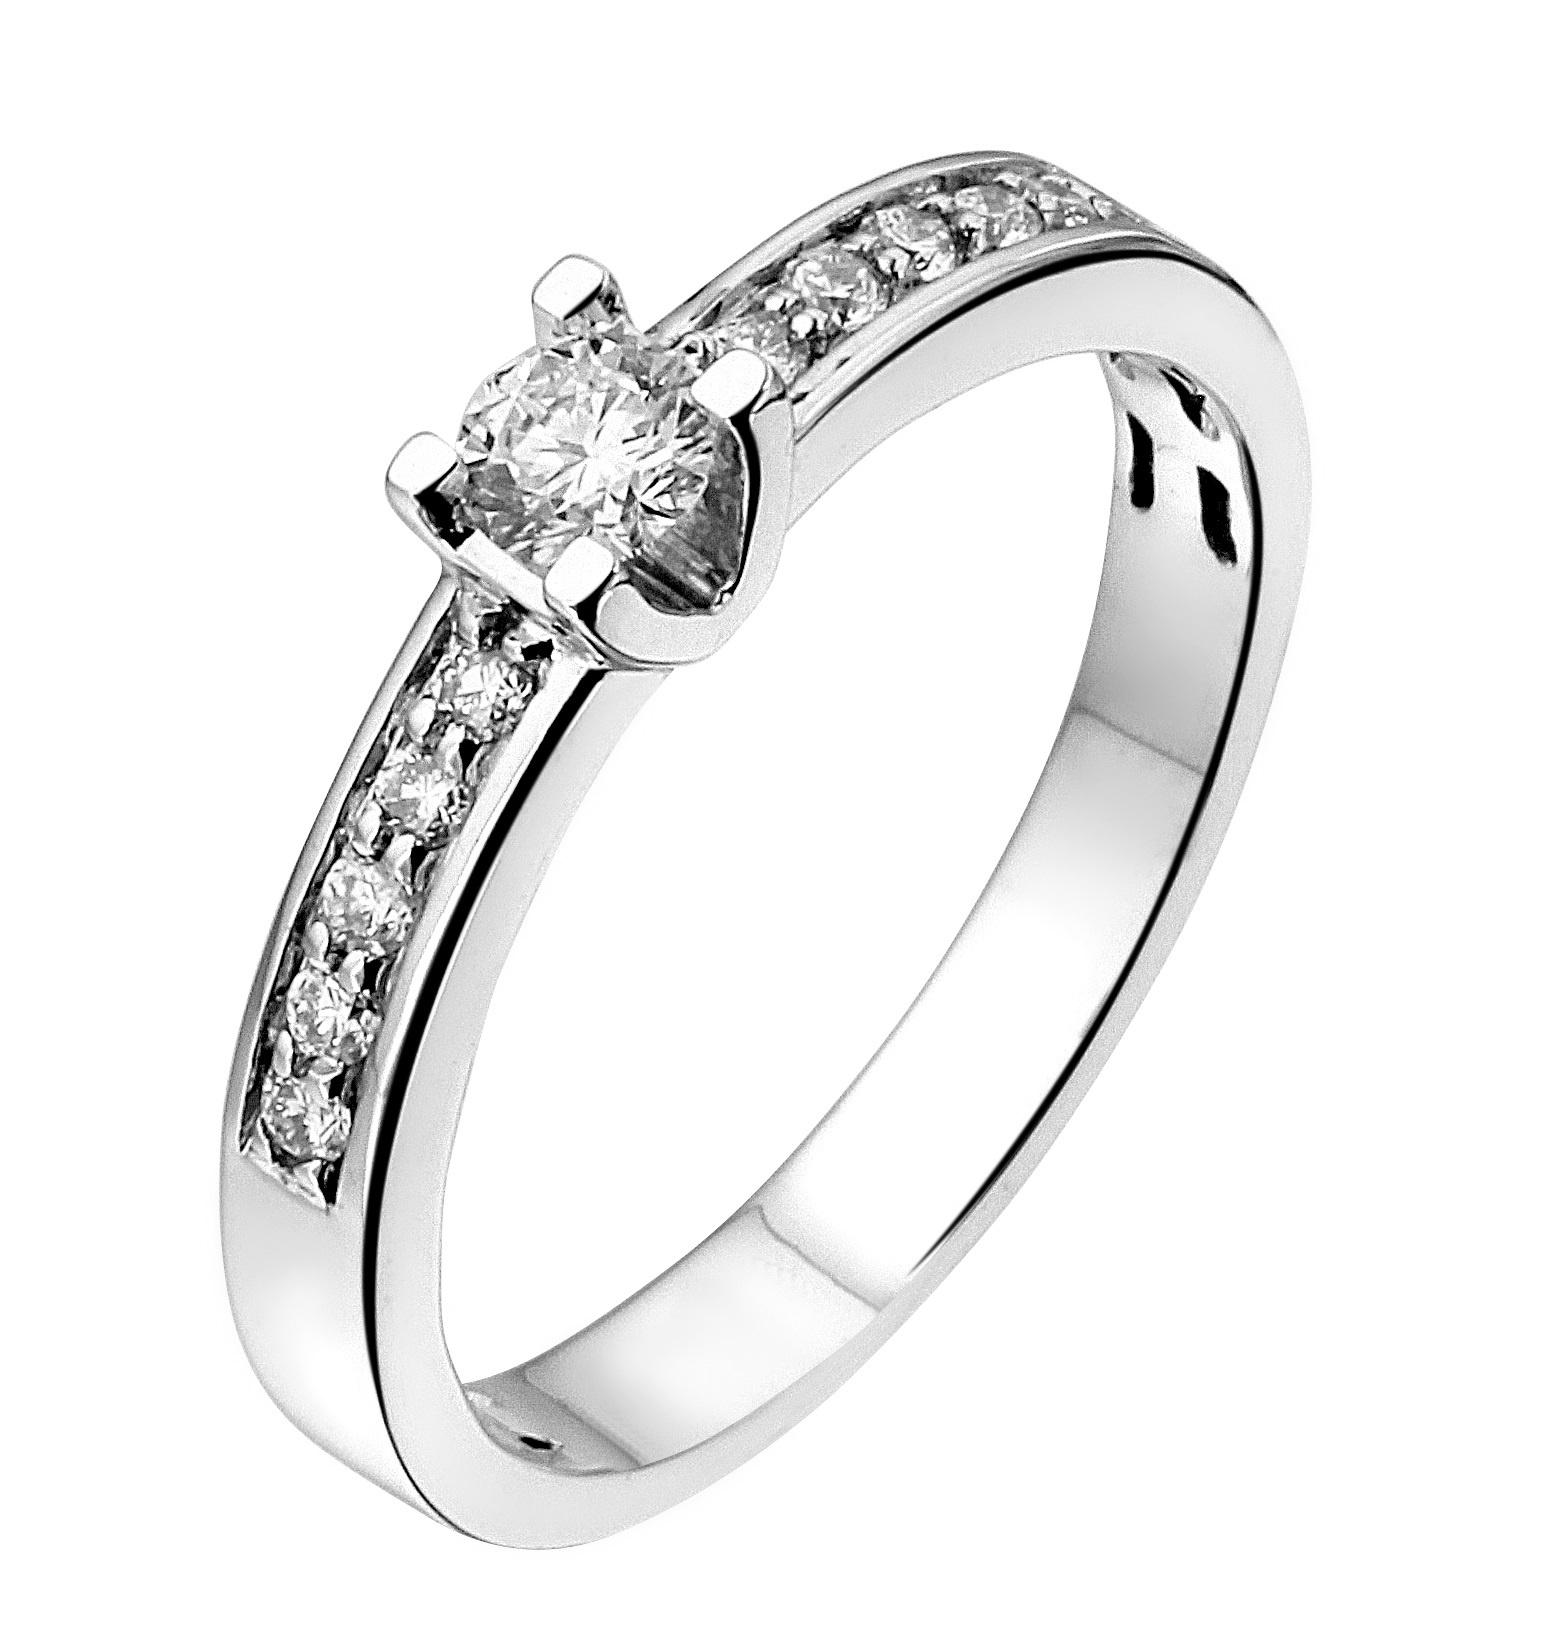 Private Label CvdK 14kt witgouden ring met diamant middensteen en diamanten op scheen